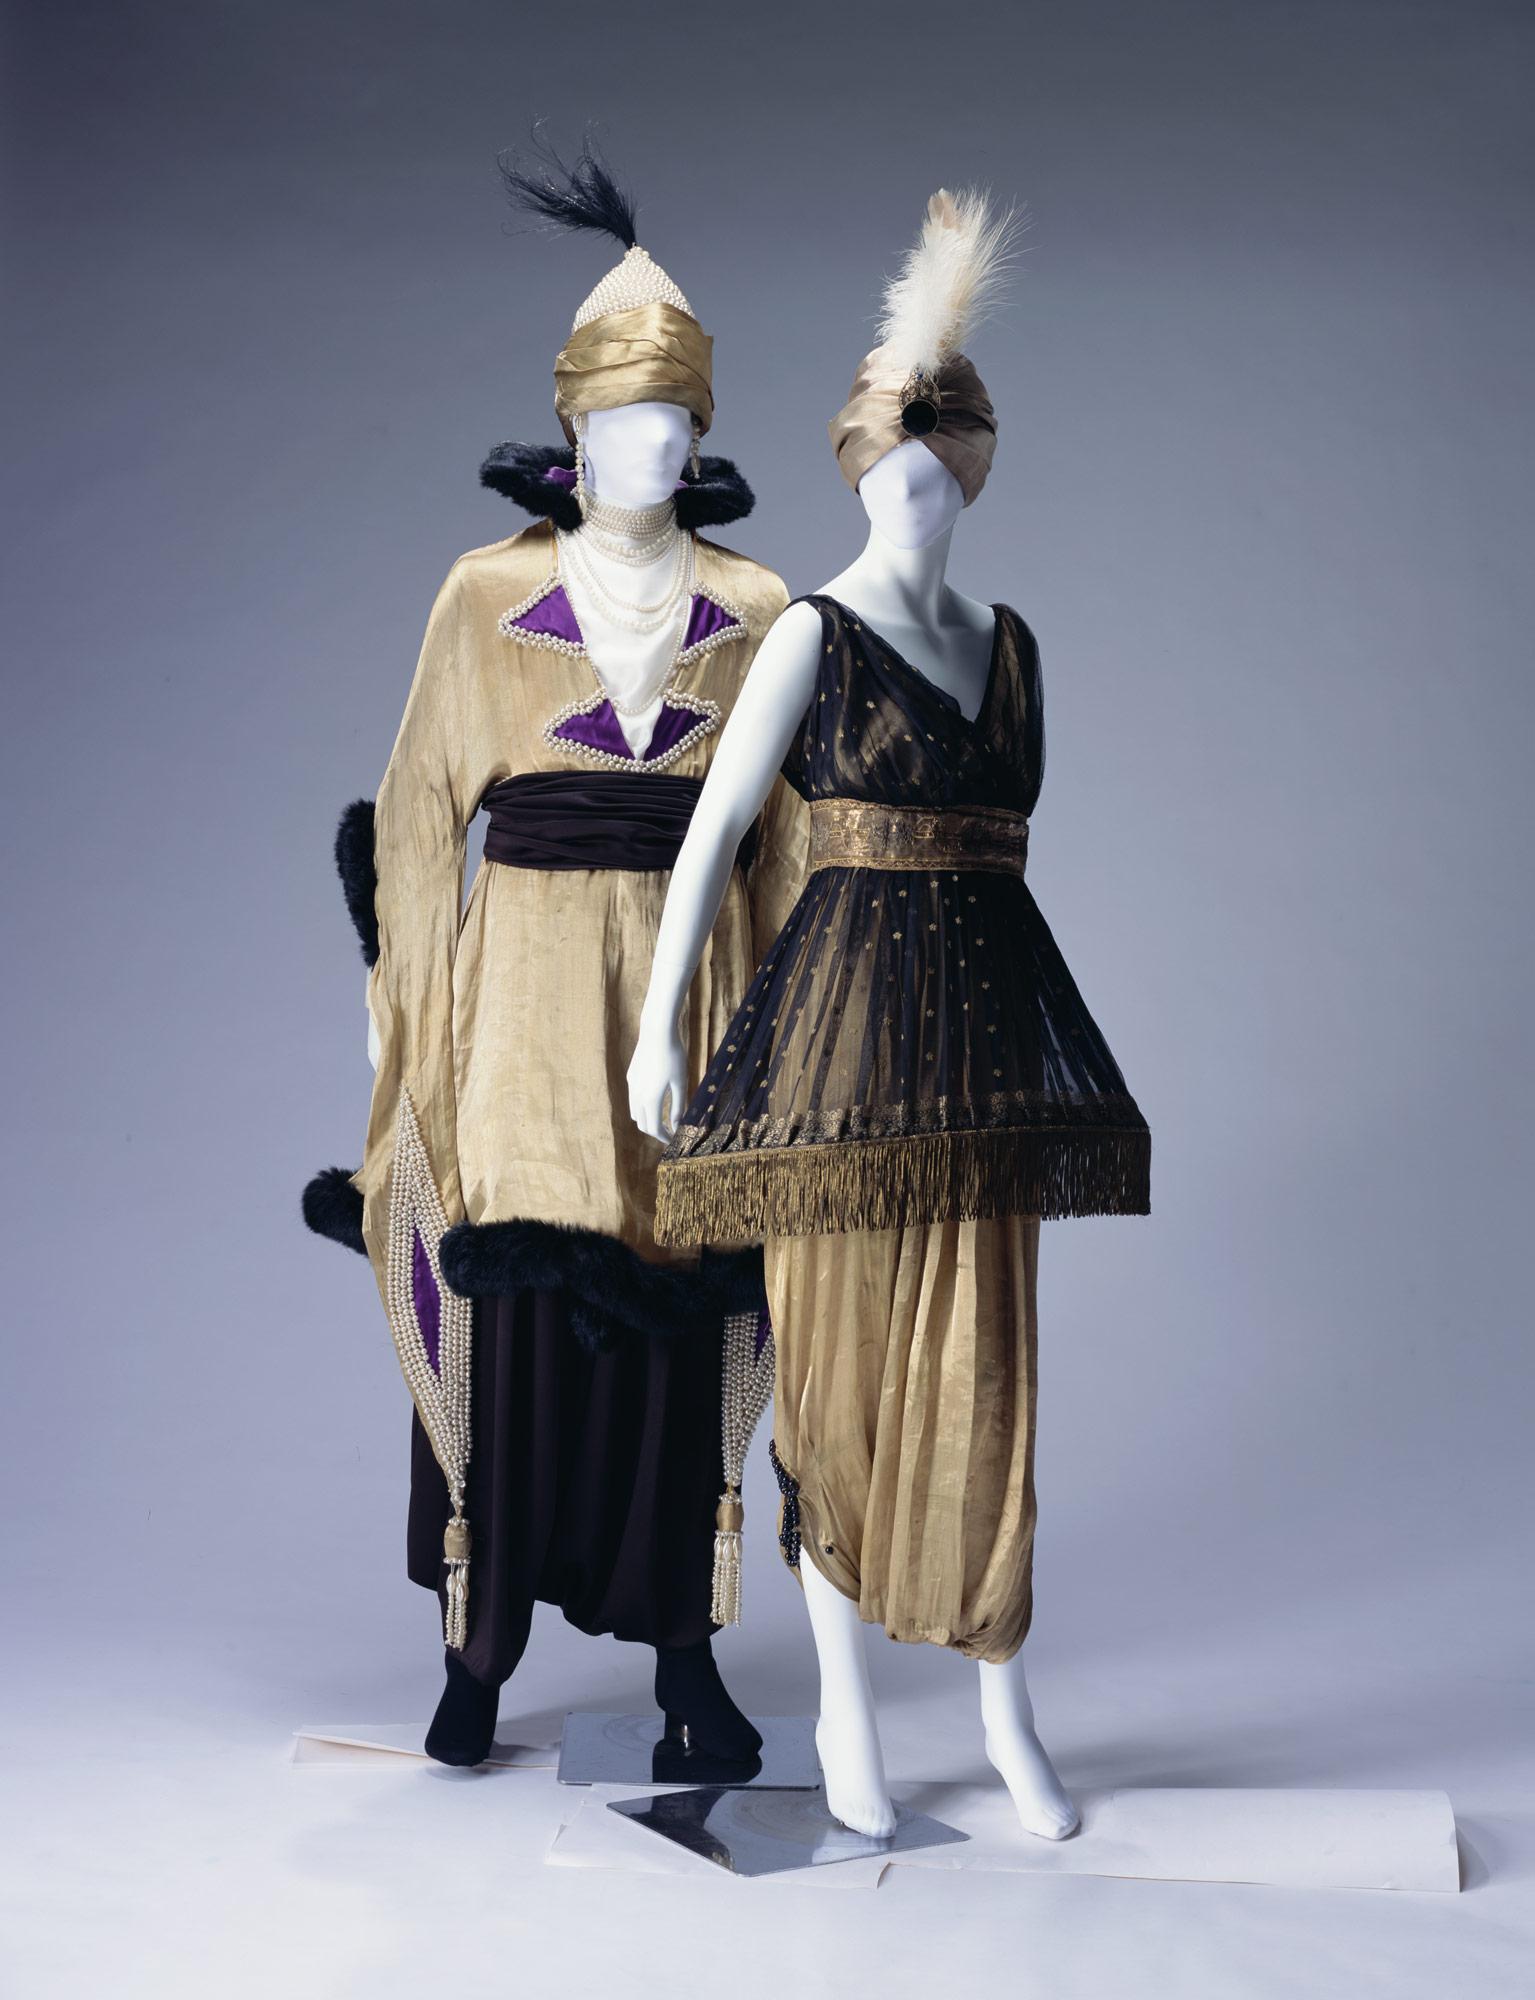 仮装衣装[左] 仮装衣装[右]